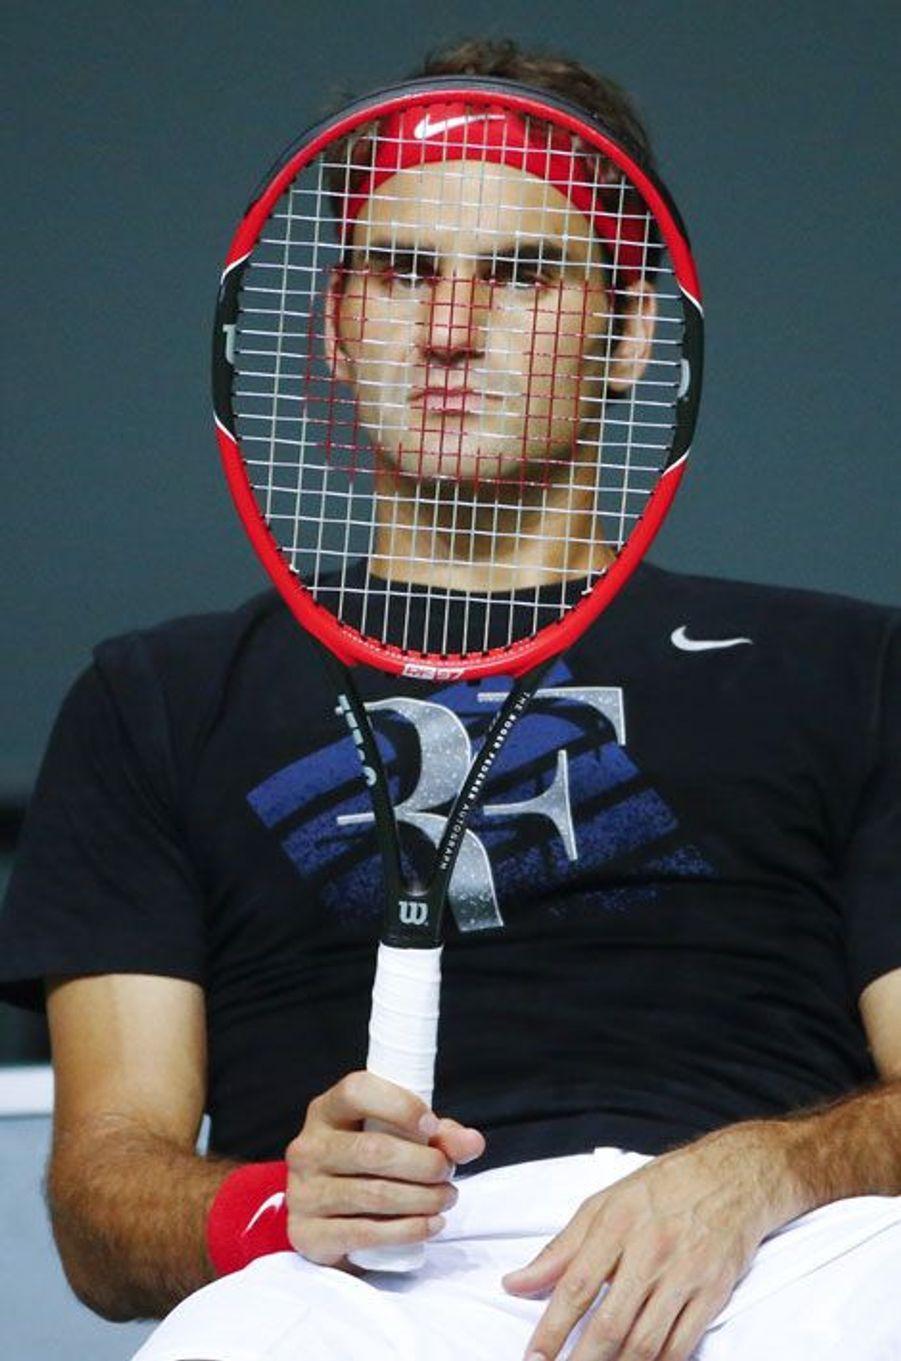 Roger Federer ultra-concentré pendant l'entraînement. Les Suisses se préparaient à rencontrer l'Italie en demi-finale de la Coupe Davis.